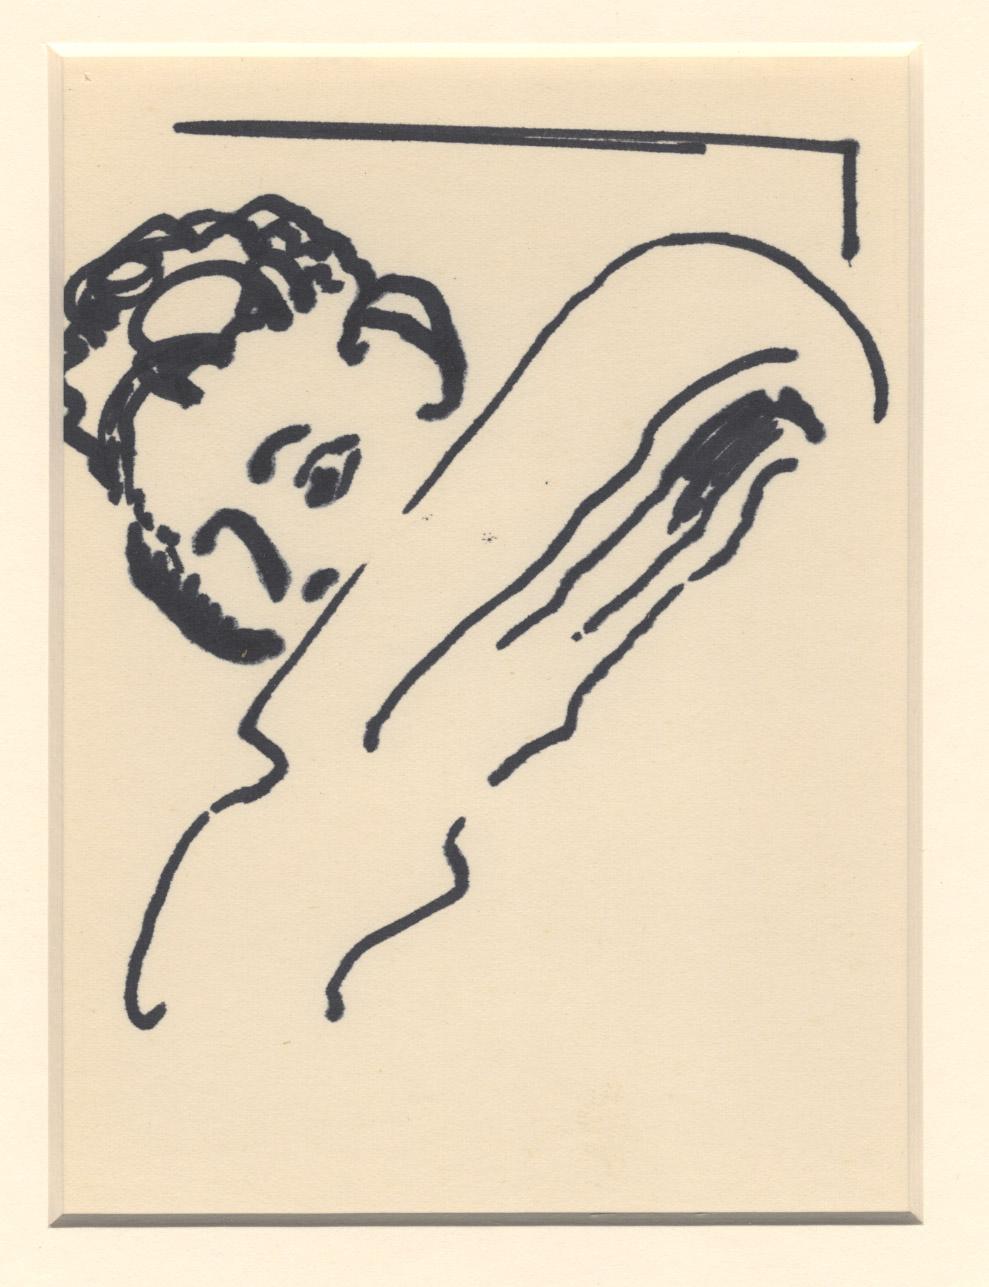 Het portret van een patiënt die in bed ligt